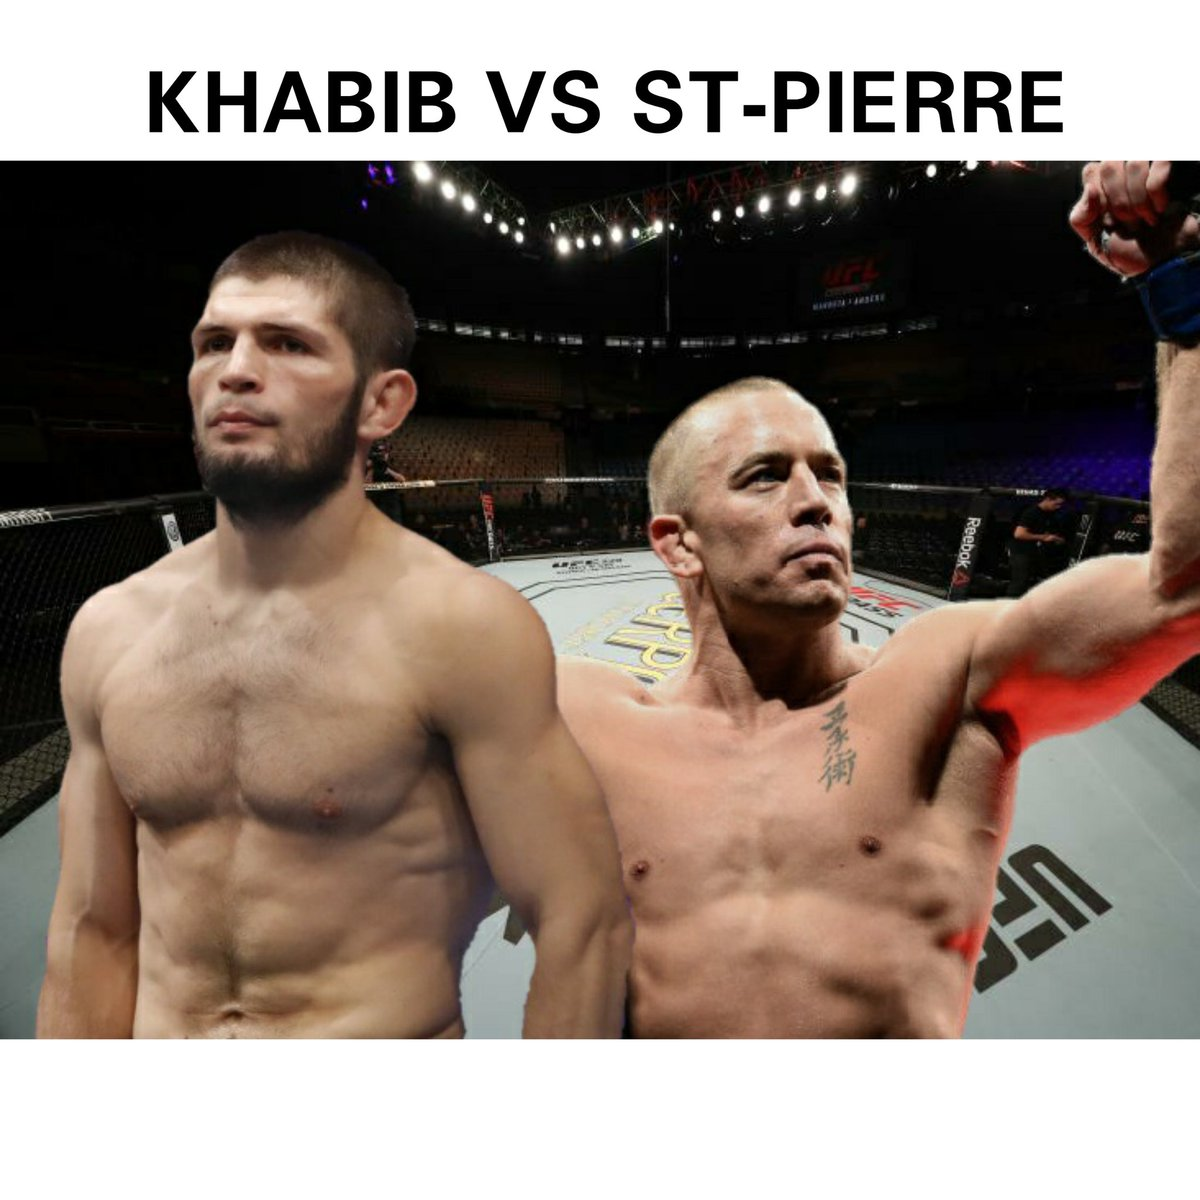 Segun muchos medios, la leyenda viviente khabib nurmagomedov solo regresaria de su retiro para enfrentarse a Georges St-Pierre. ¿Quien ganaria?  #UFC #UFCFightnight #boxing #fightnight #connormcgregor #khabib #lucha